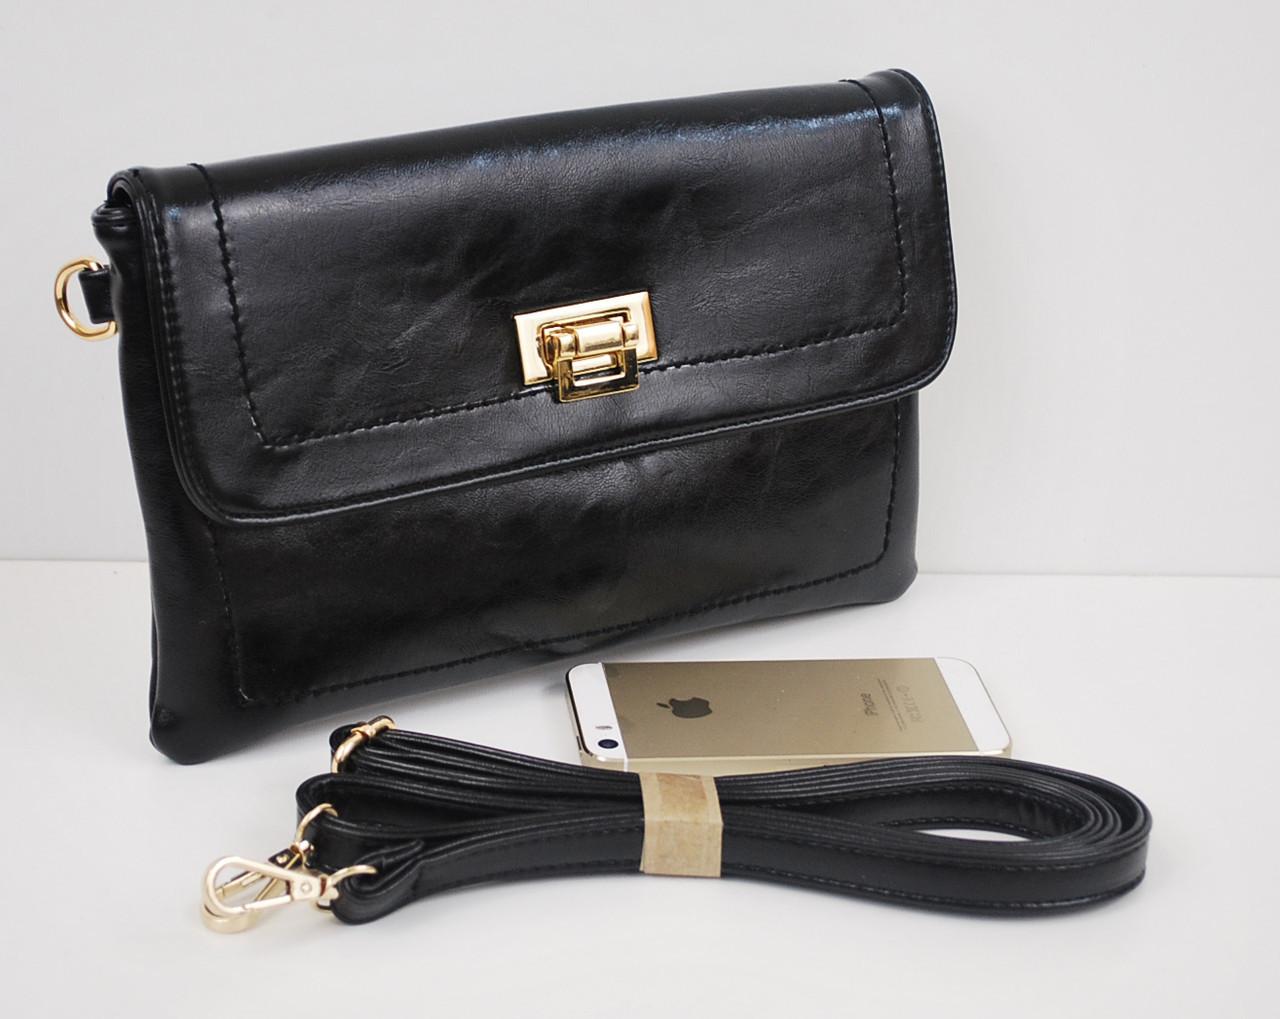 Маленькая женская сумка-клатч - Интернет магазин «miss-podium» в Одессе fbd33ddb1a4